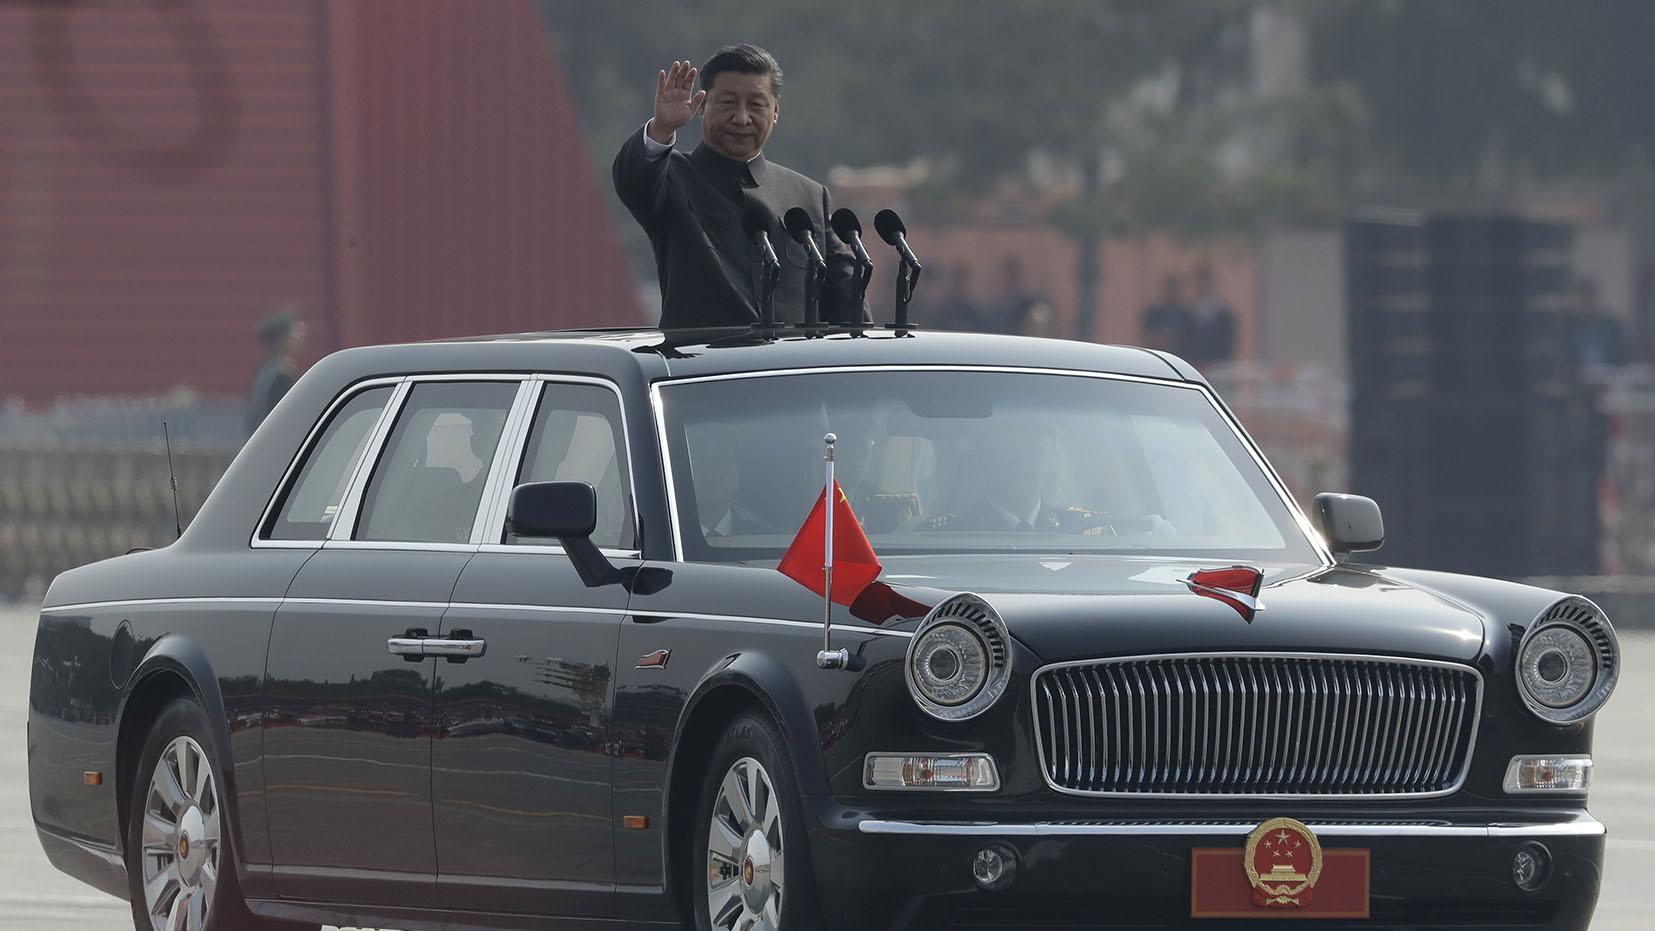 中国国家主席习近平在庆祝建国70周年阅兵式上检阅军队。(美联社)